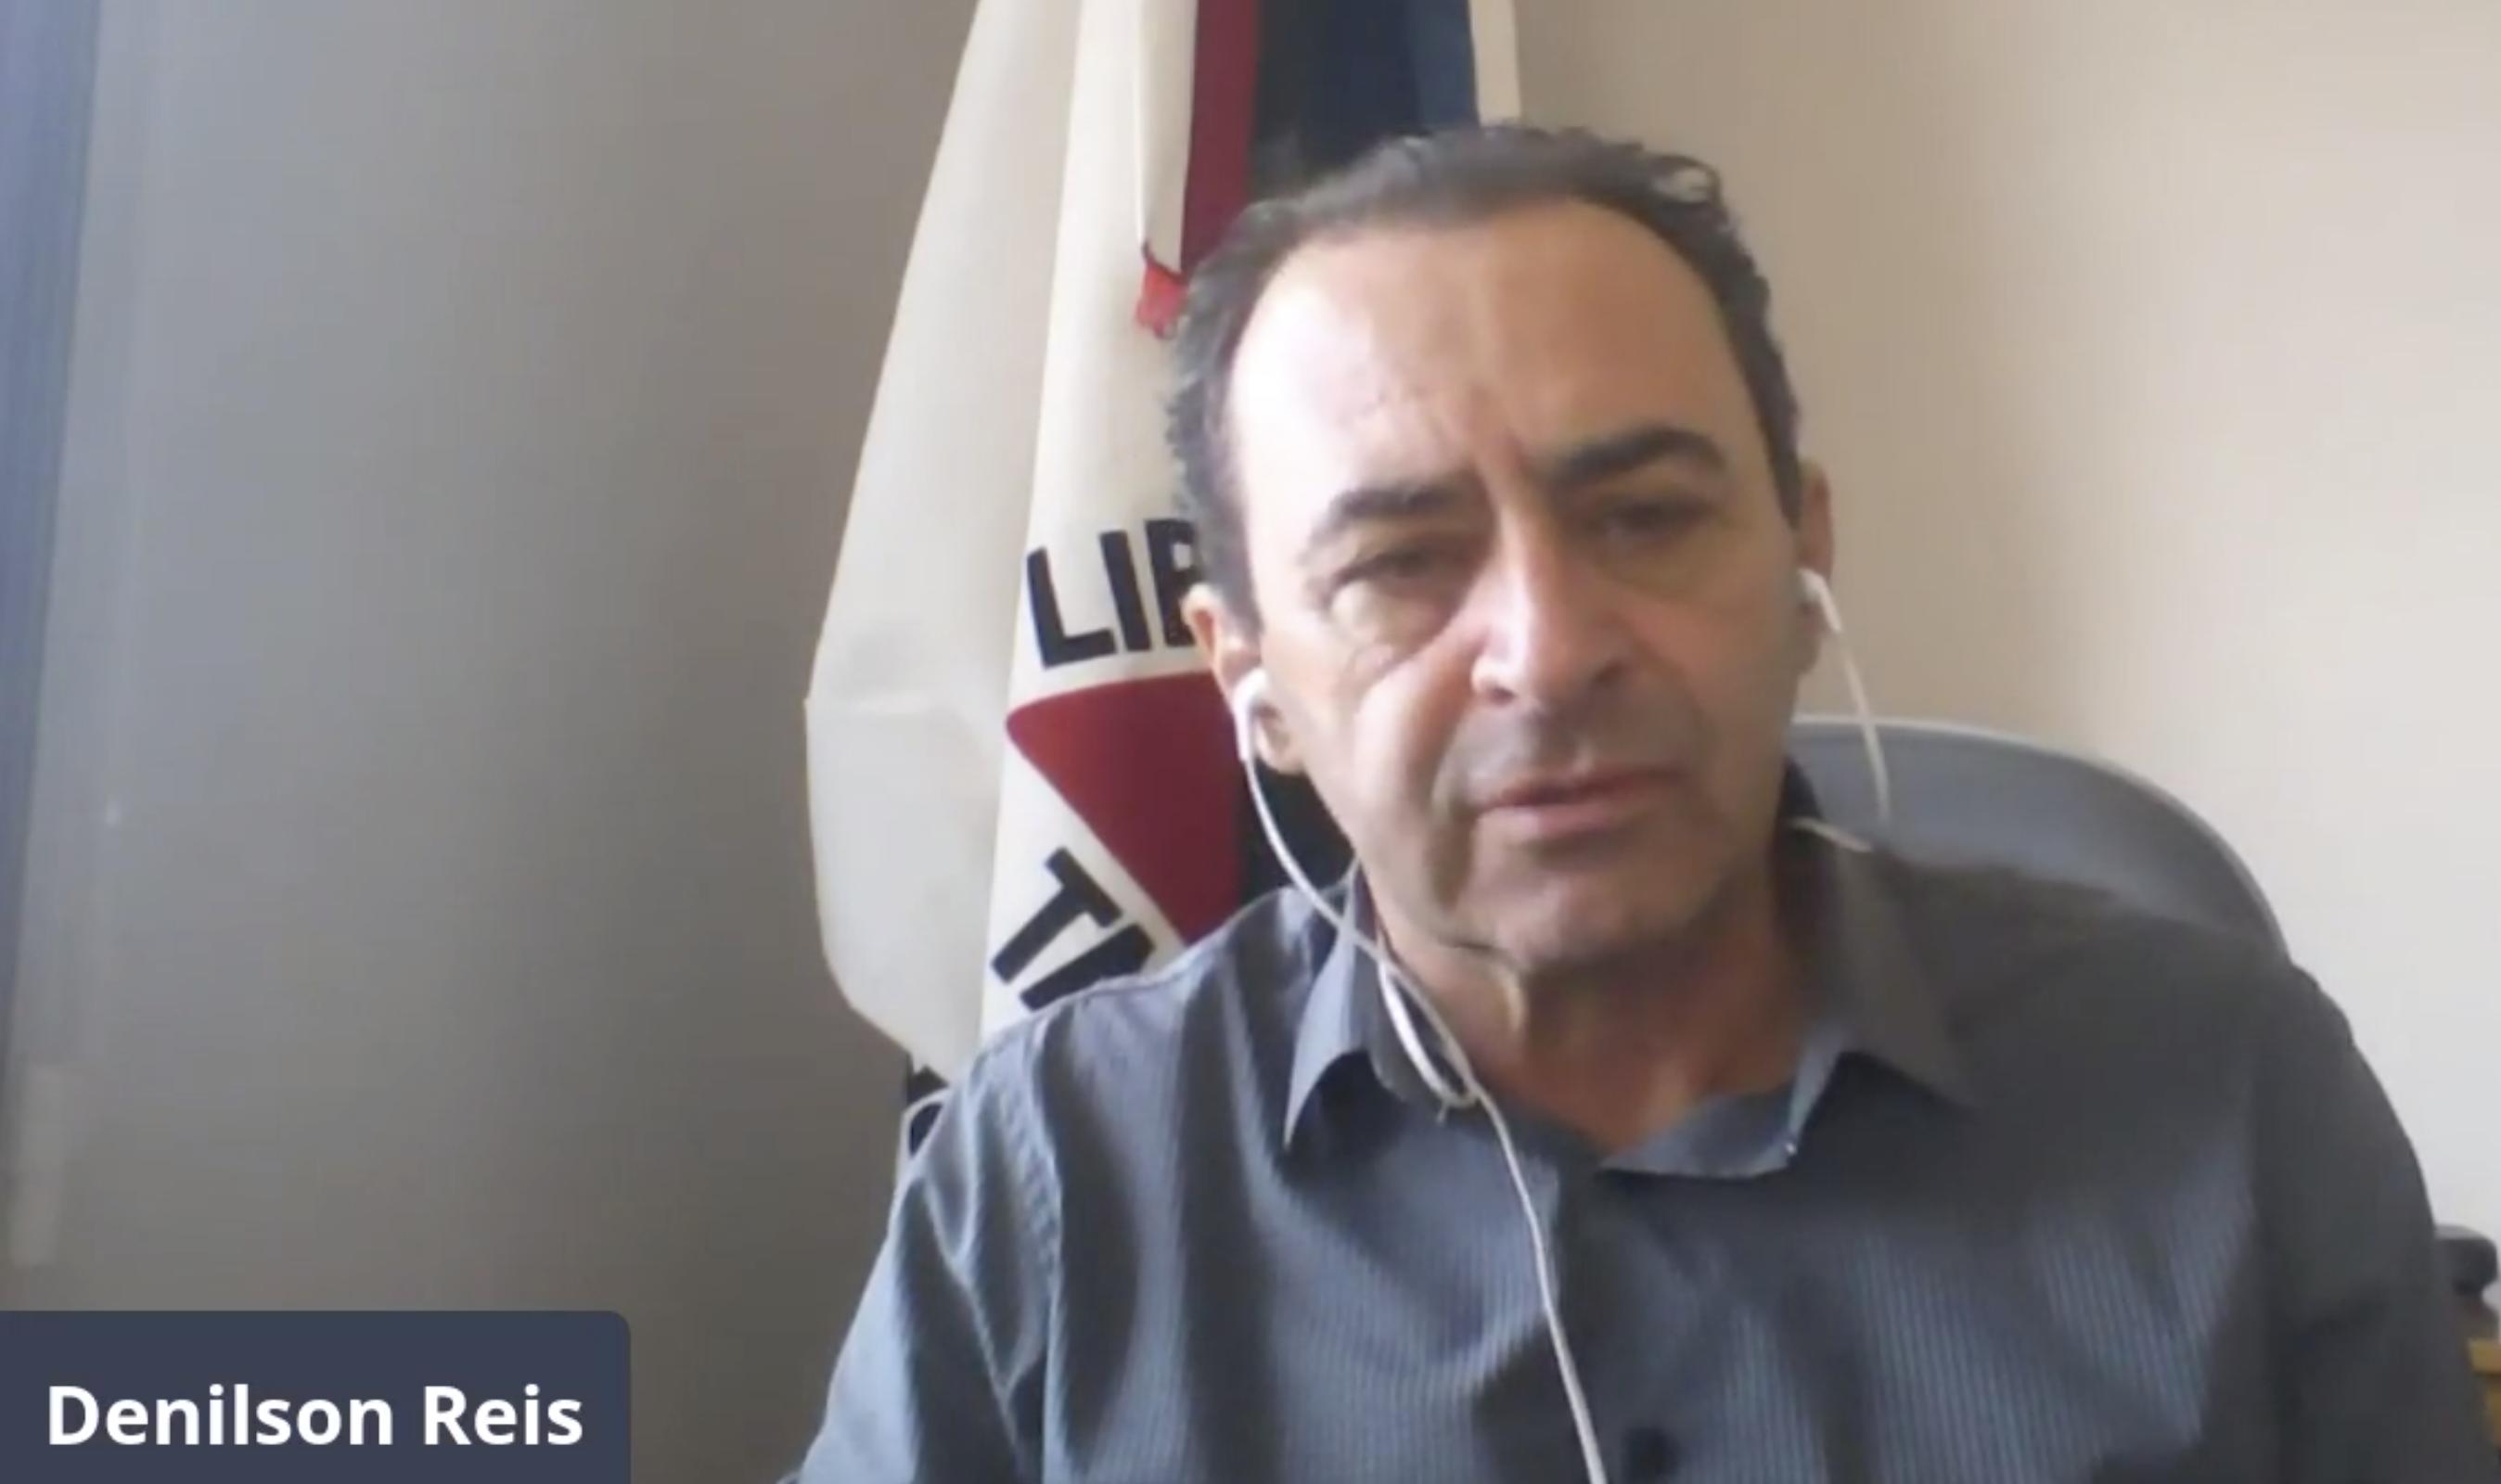 Prefeito de São Tiago, Denilson Reis, em vídeo transmitido pela internet.